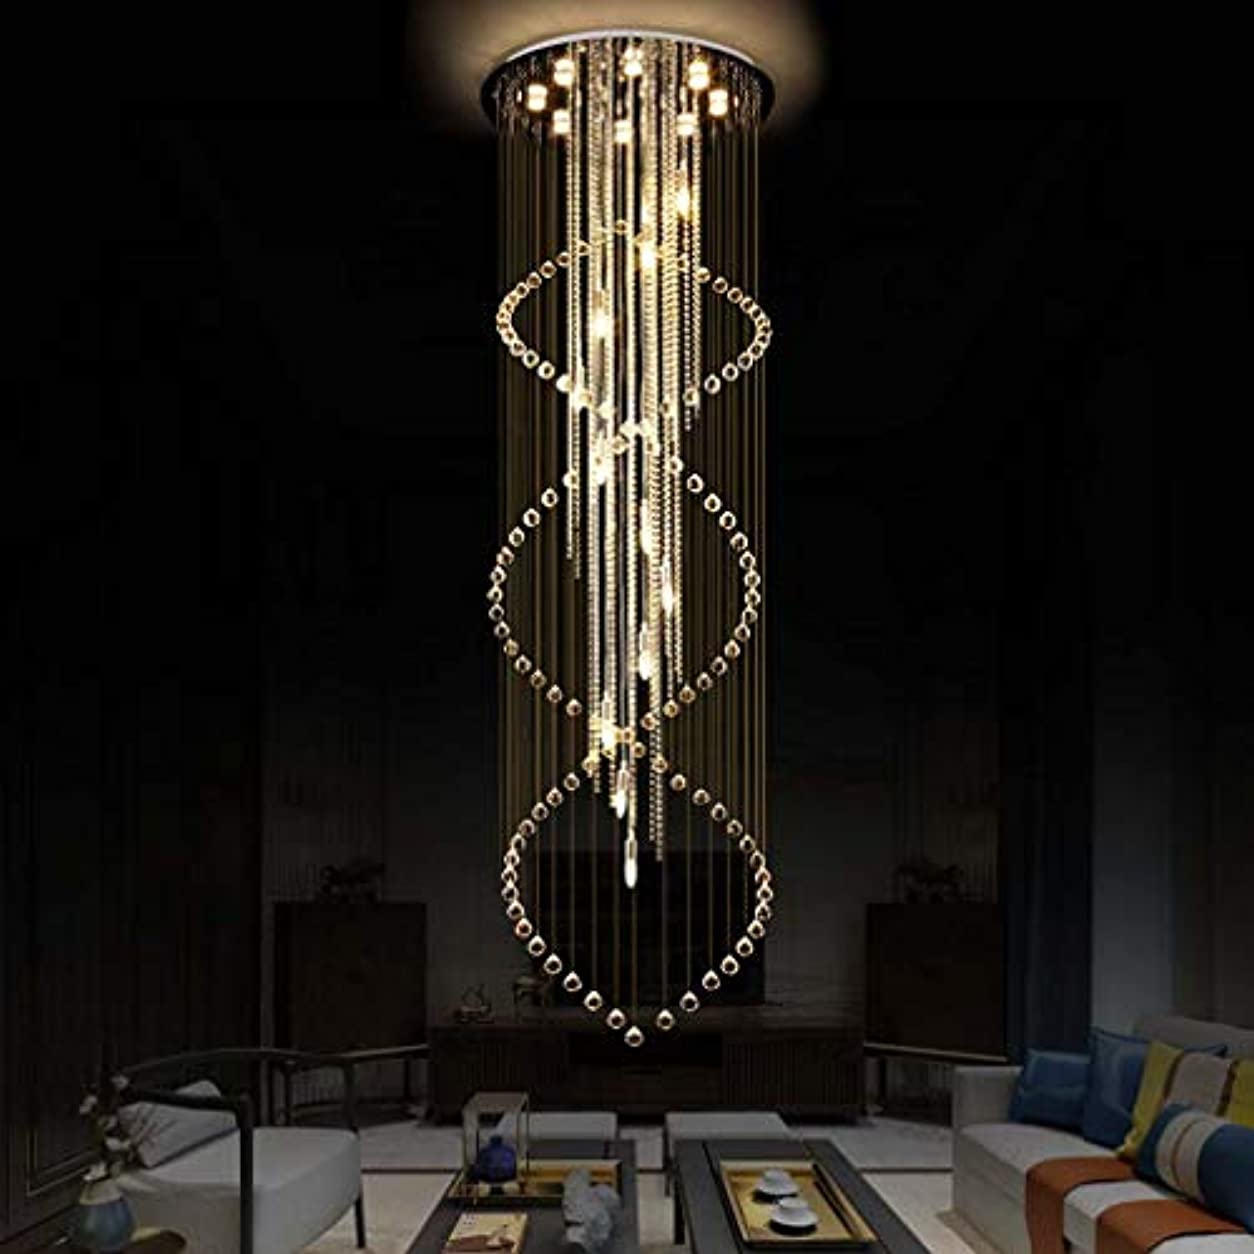 水差しわなハッチ現代K9クリスタルレインドロップシャンデリア照明、フラッシュマウントLED天井照明器具ペンダントランプルームリビングルーム8 X GU10 LED電球、D31.5のXのH110.2インチダイニング用